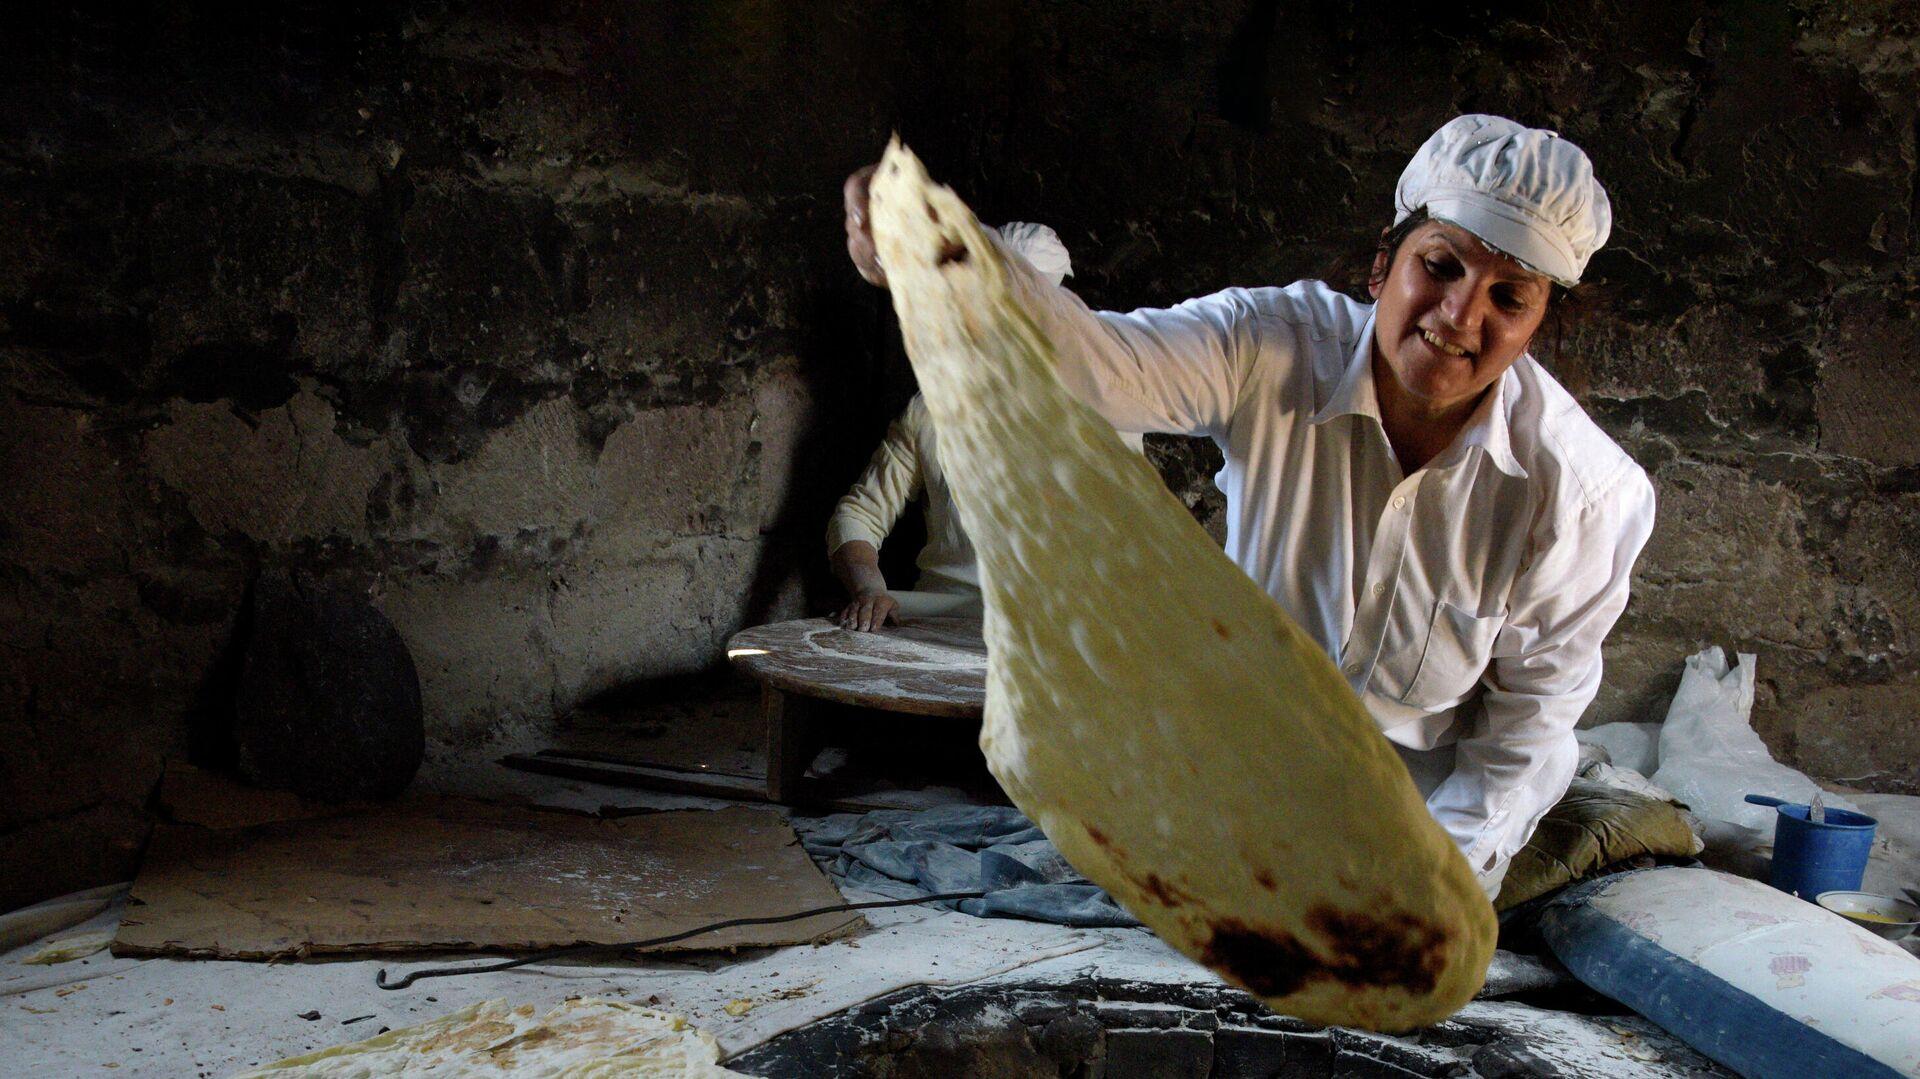 Женщина вынимает готовый лаваш из тандыра  - РИА Новости, 1920, 27.07.2021